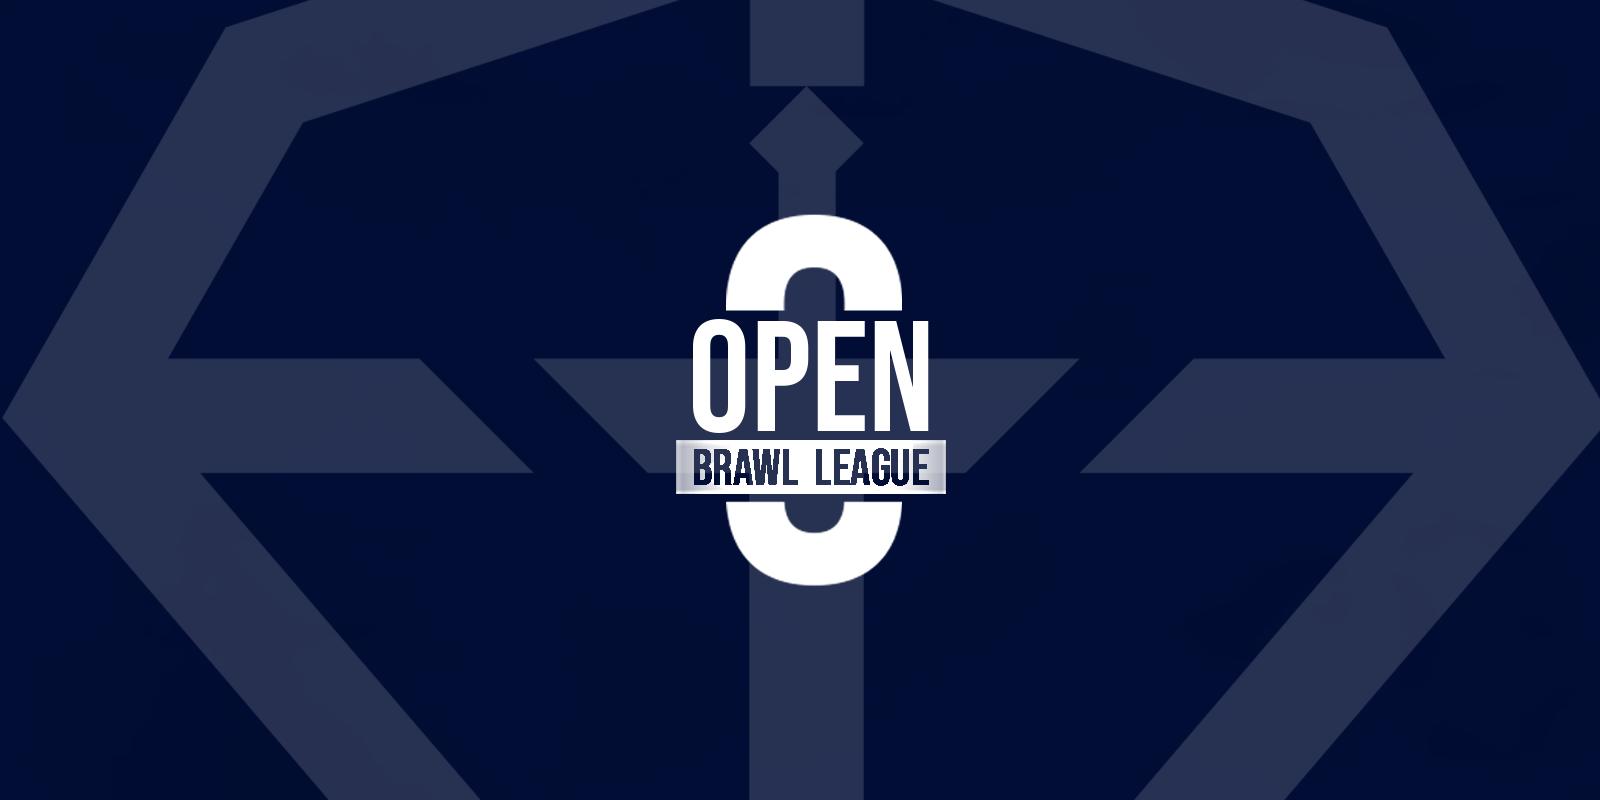 Brawl League Open